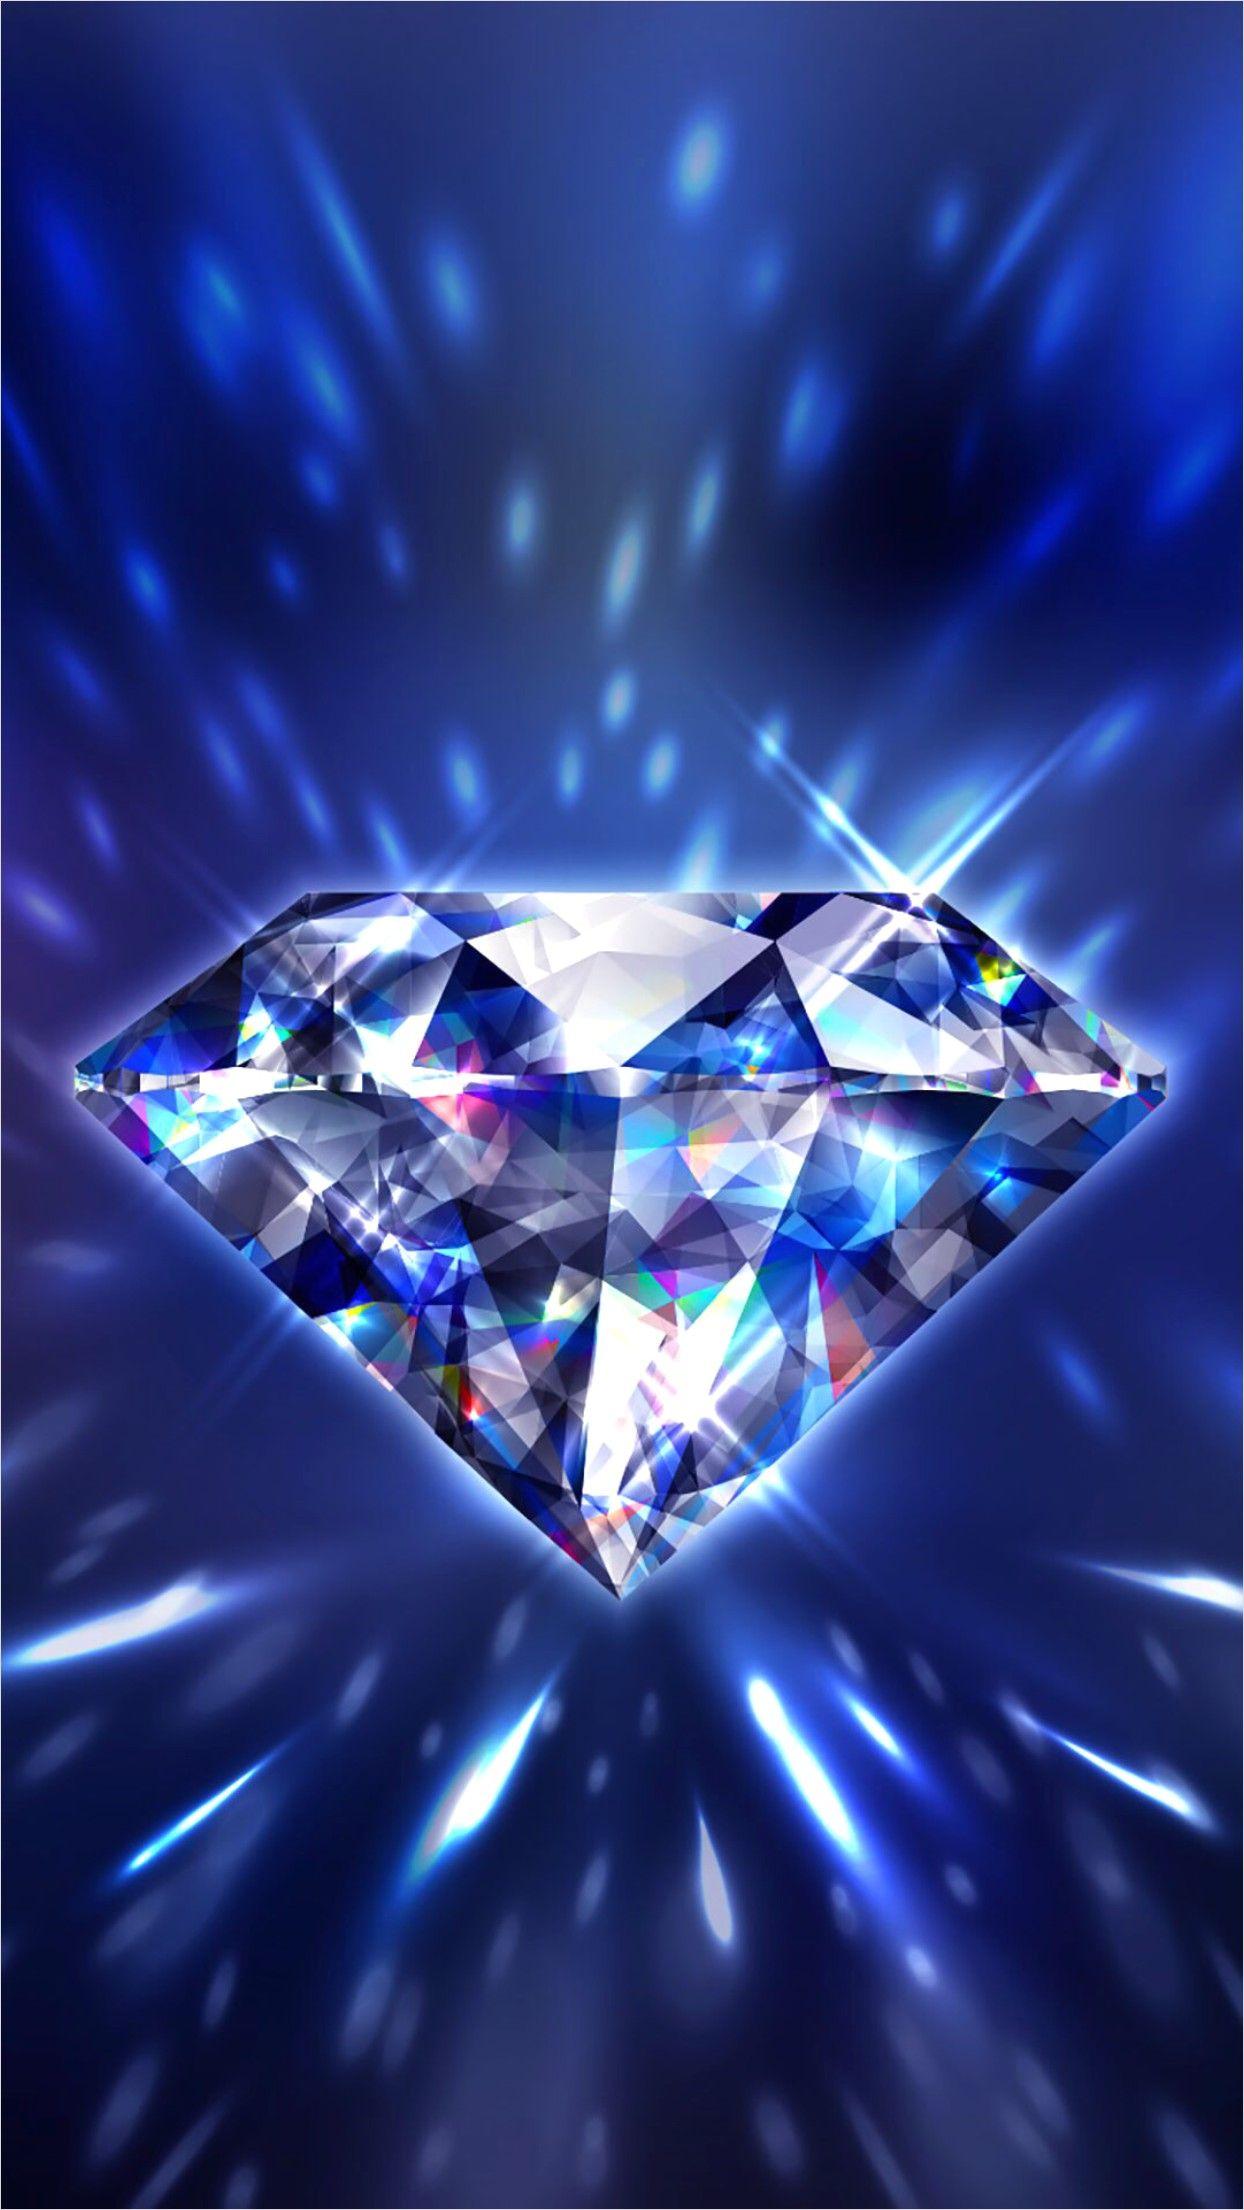 4k Blue Diamond Su Wallpaper Diamond Wallpaper Iphone Diamond Wallpaper Blue Diamond